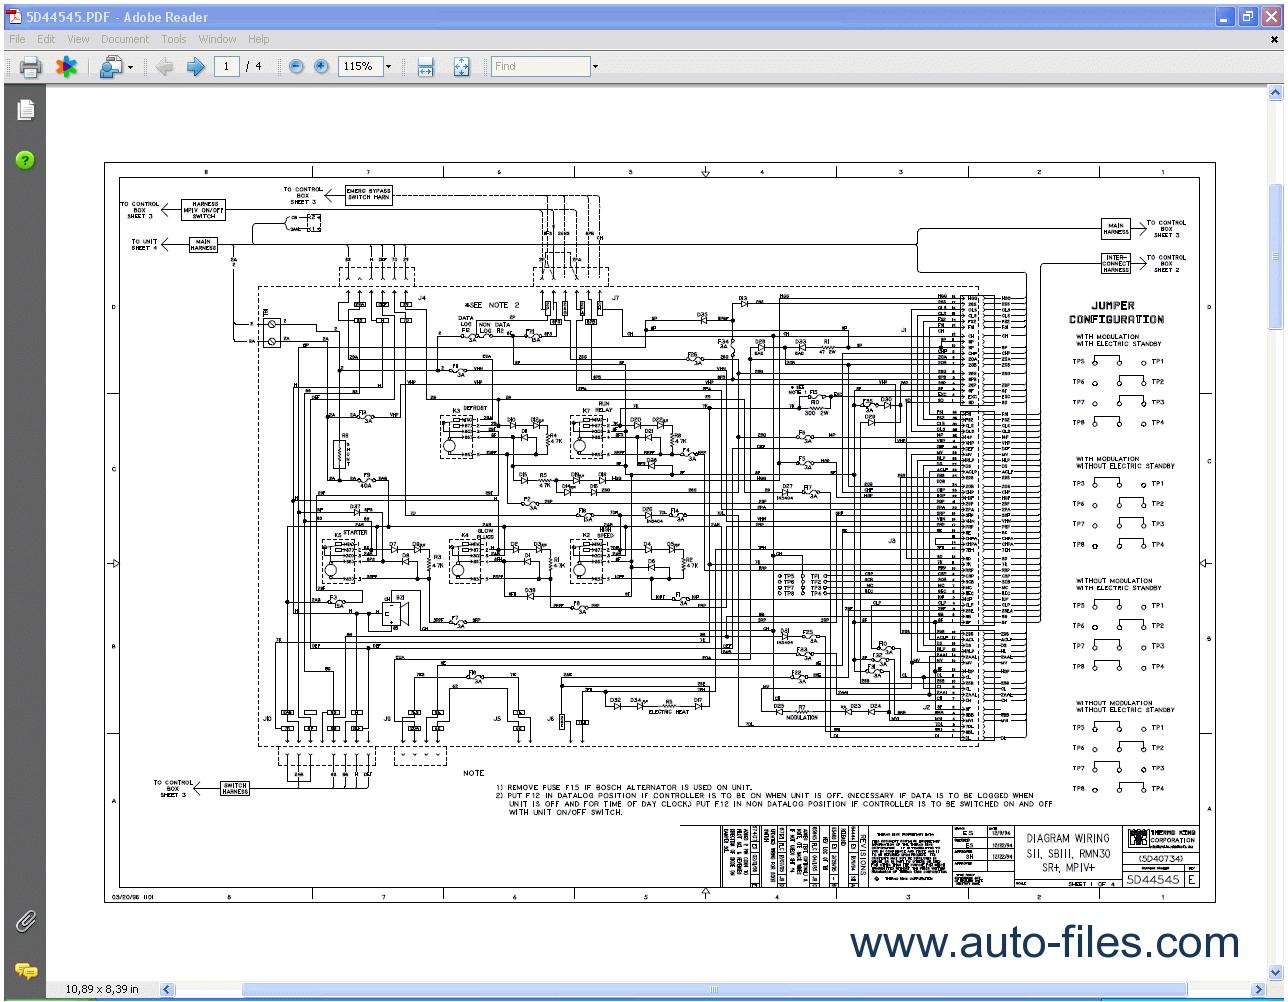 thermo king tripac apu wiring diagram wiring in 2019 diagramthermo king tripac apu wiring diagram